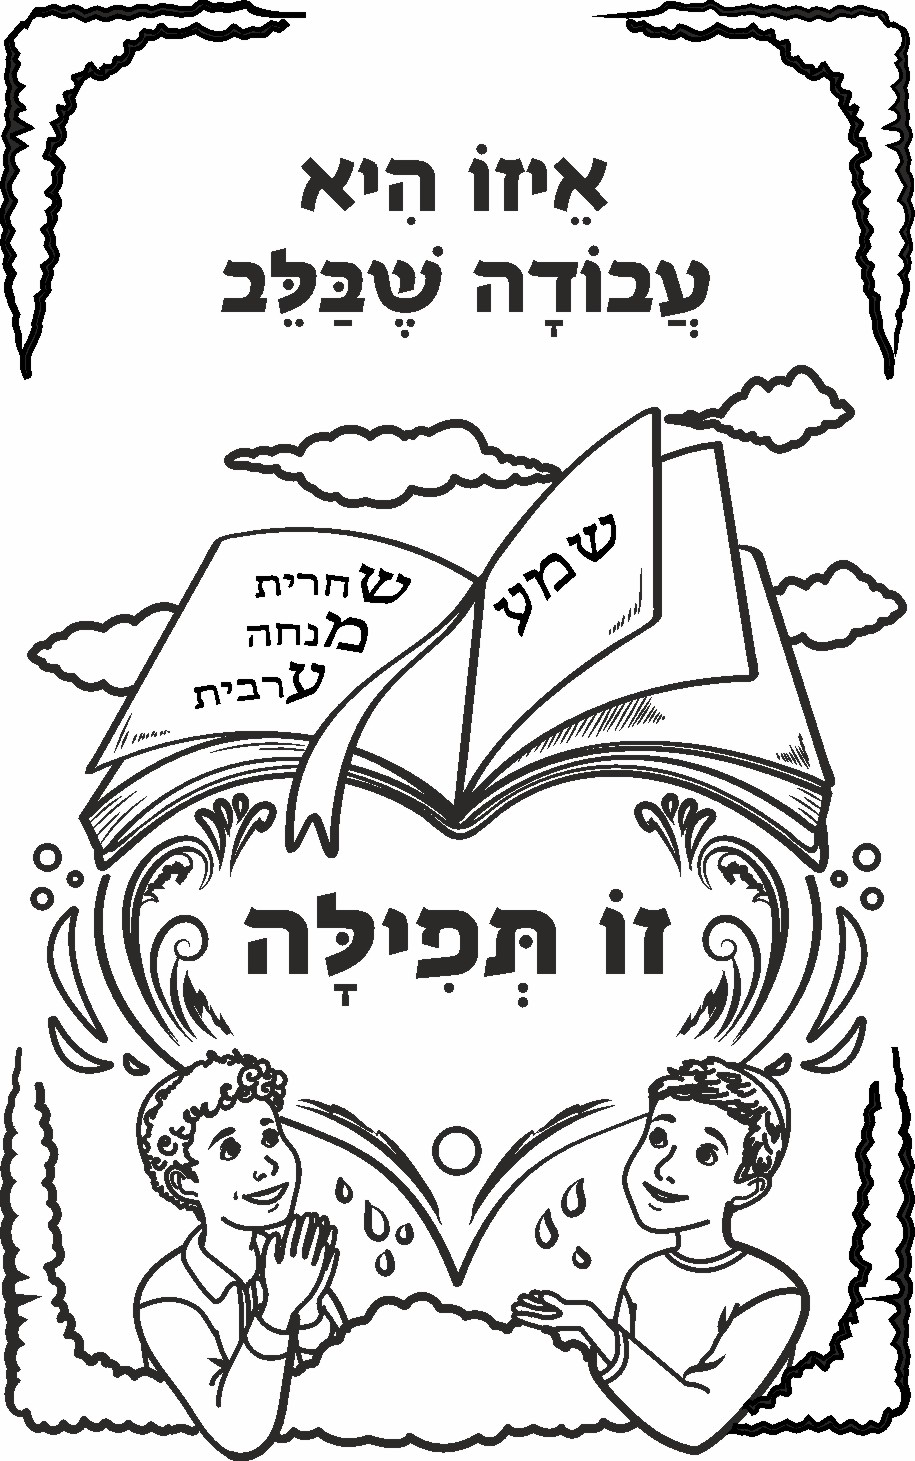 עטיפות לסידור הדפס אחיד של ילדים נושאים תפילה